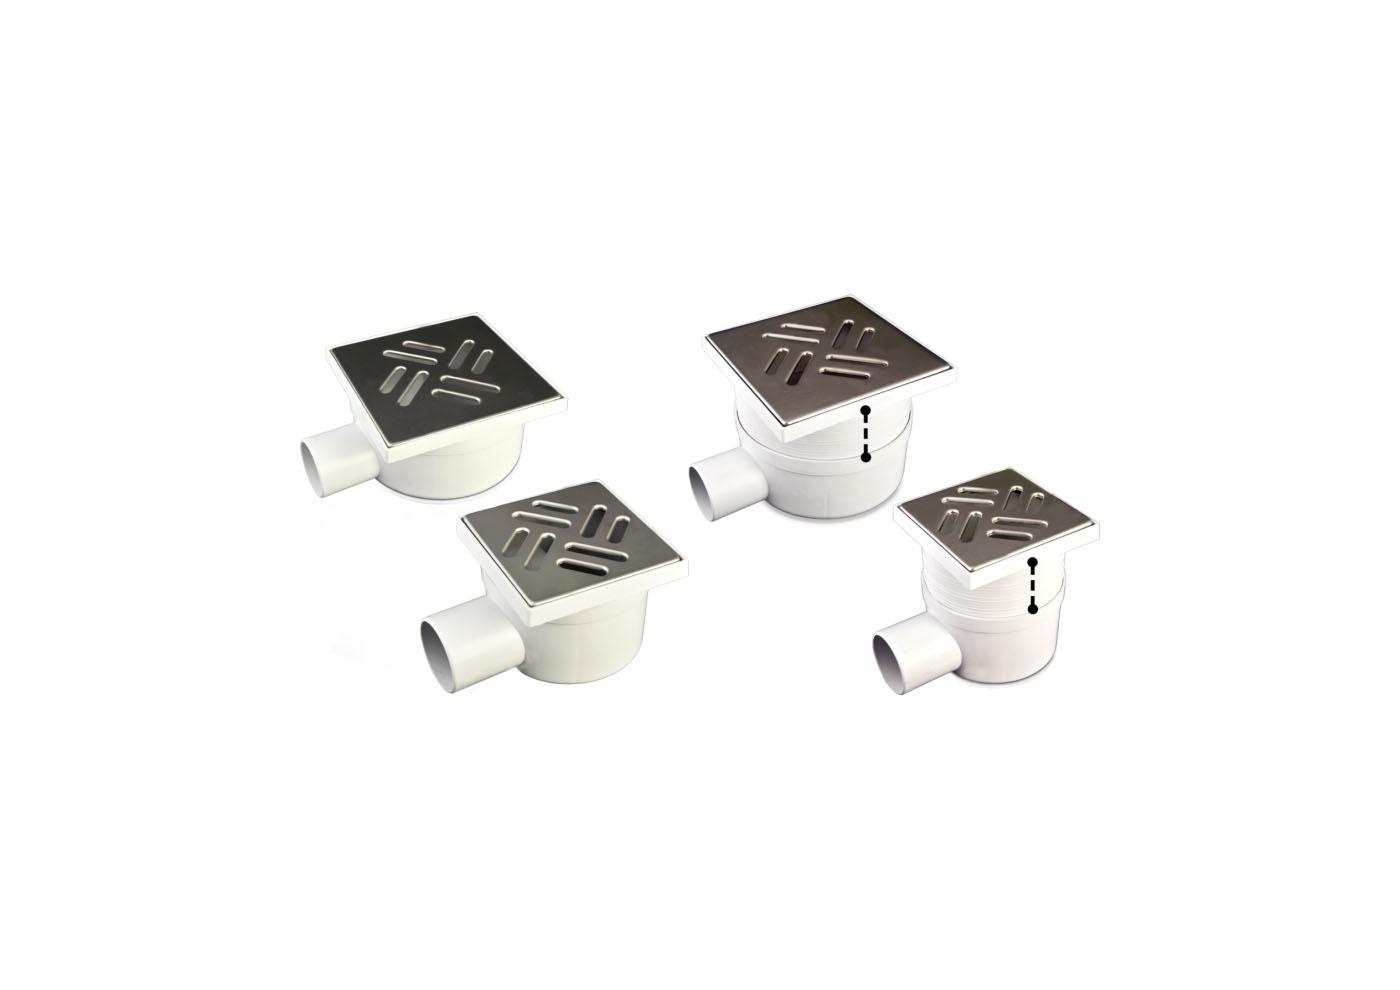 CHIUSINO SCARICO LATERALE TELESC. GRIGLIA INOX CM 11,5X11,5